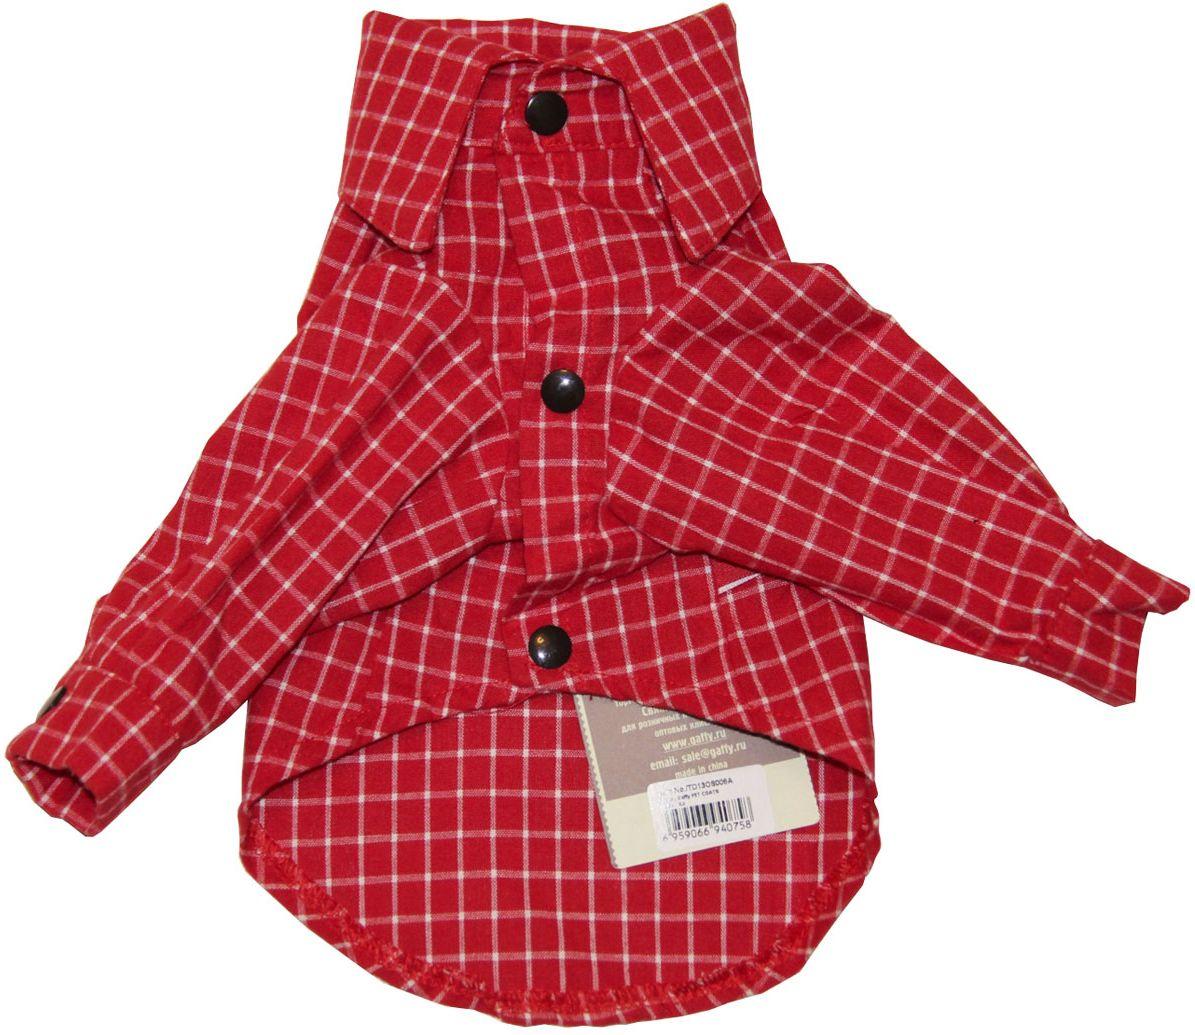 Рубашка для собак Gaffy Pet Red Plaid. Размер L11021 LСтильная рубашка в актуальную красную клетку.Клетка всегда в моде. Лаконичный дизайн для любого случая. Прекрасный вариант для улицы, для дома и как основа под любую одежду.Фиксируется на животе кнопками. Материал кнопок: металл.Идеально сочетается с куртками и жилетами.Обхват шеи, см: 36.Обхват груди, см: 55.Длина спины, см: 40.